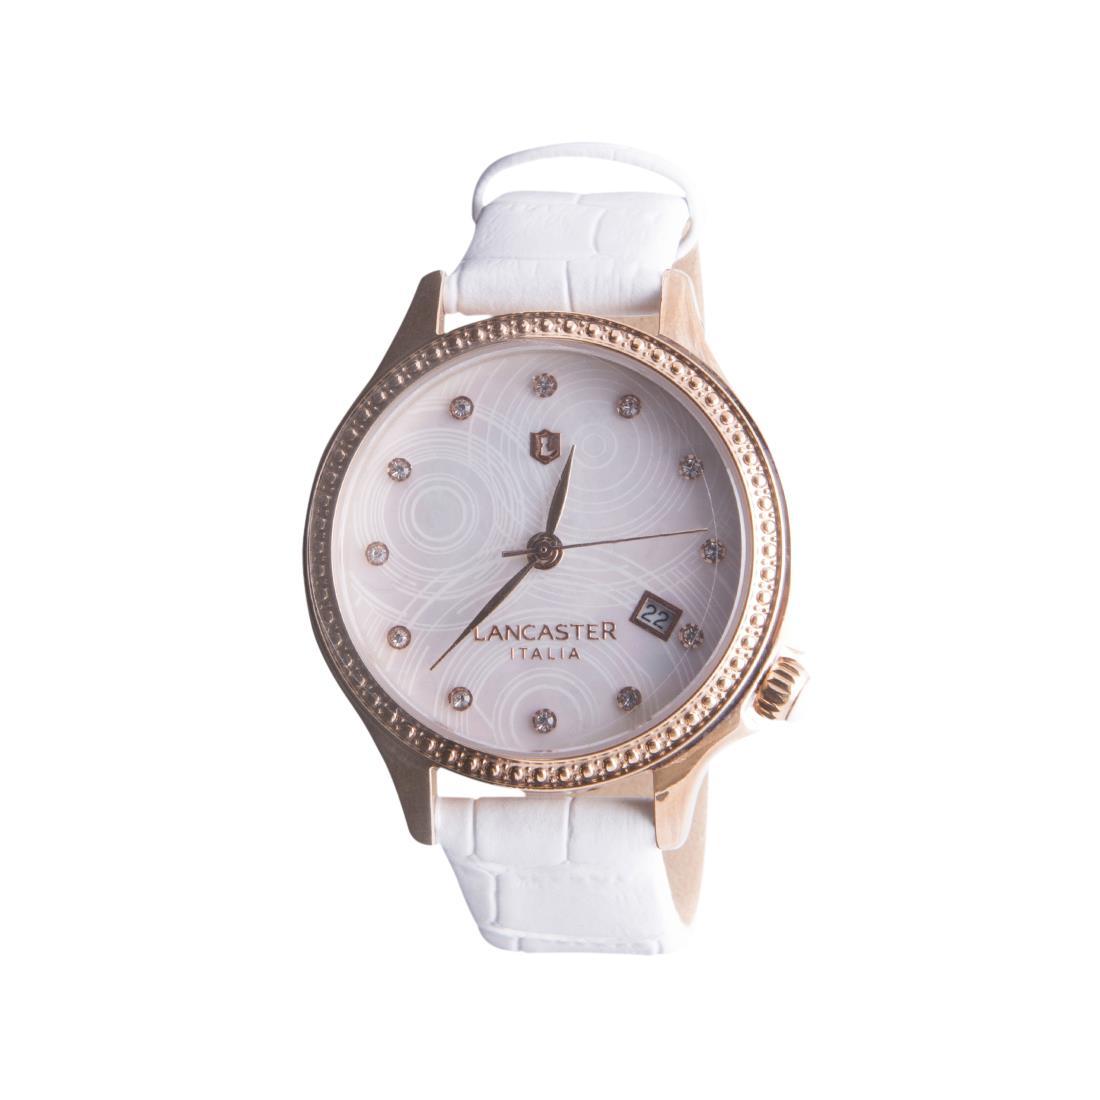 Orologio da donna con cassa di 36 mm - LANCASTER